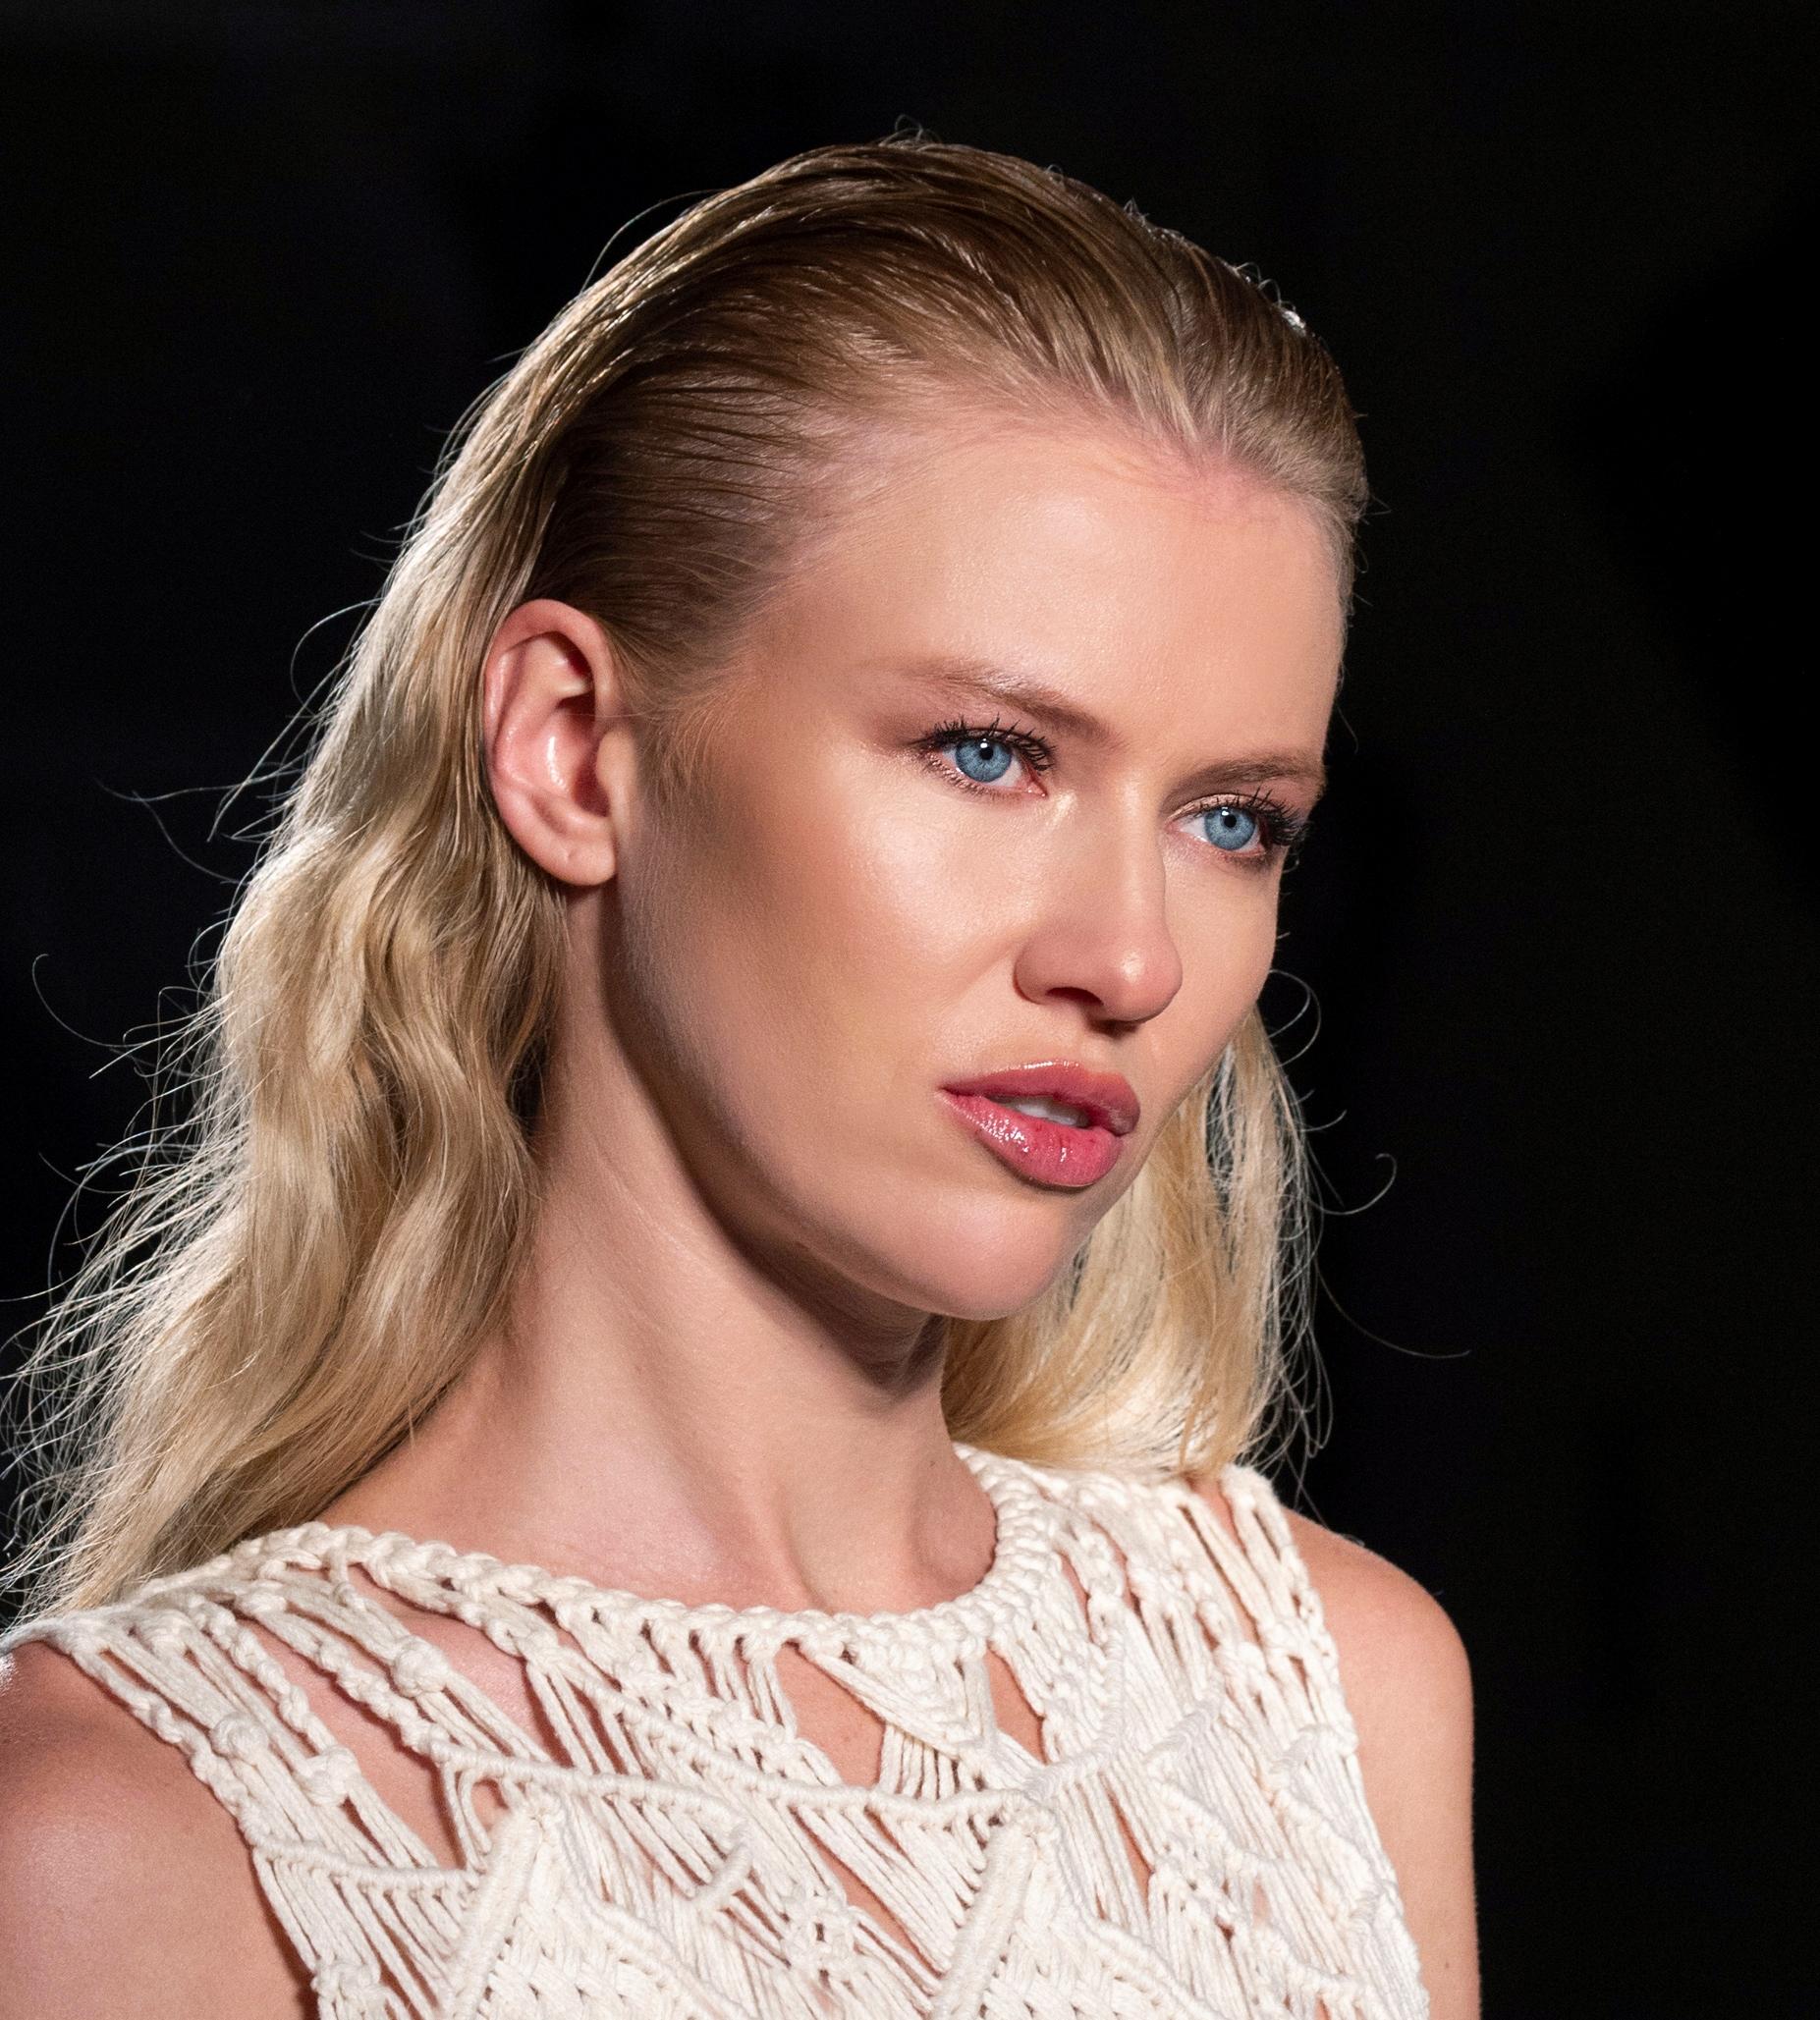 تسريحة الشعر المُبلل لإطلالة عصرية نهارية